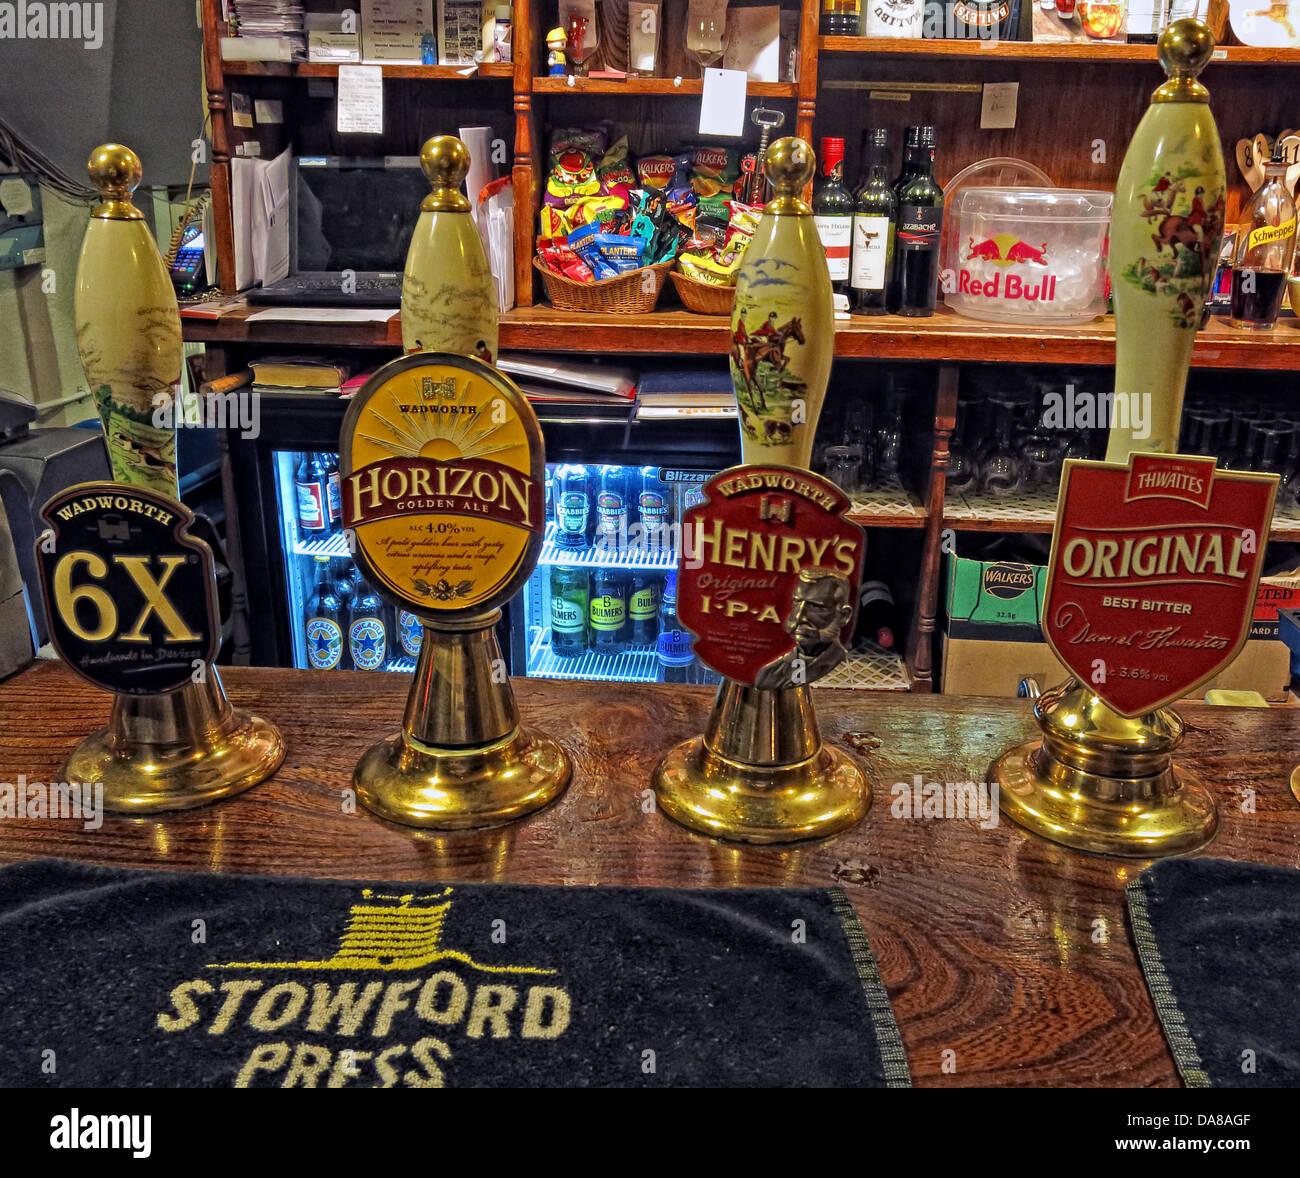 Laden Sie dieses Alamy Stockfoto Traditionellen englischen Ale handgezeichnete Pumpen auf eine Bar in Wiltshire, Südwest-England - DA8AGF